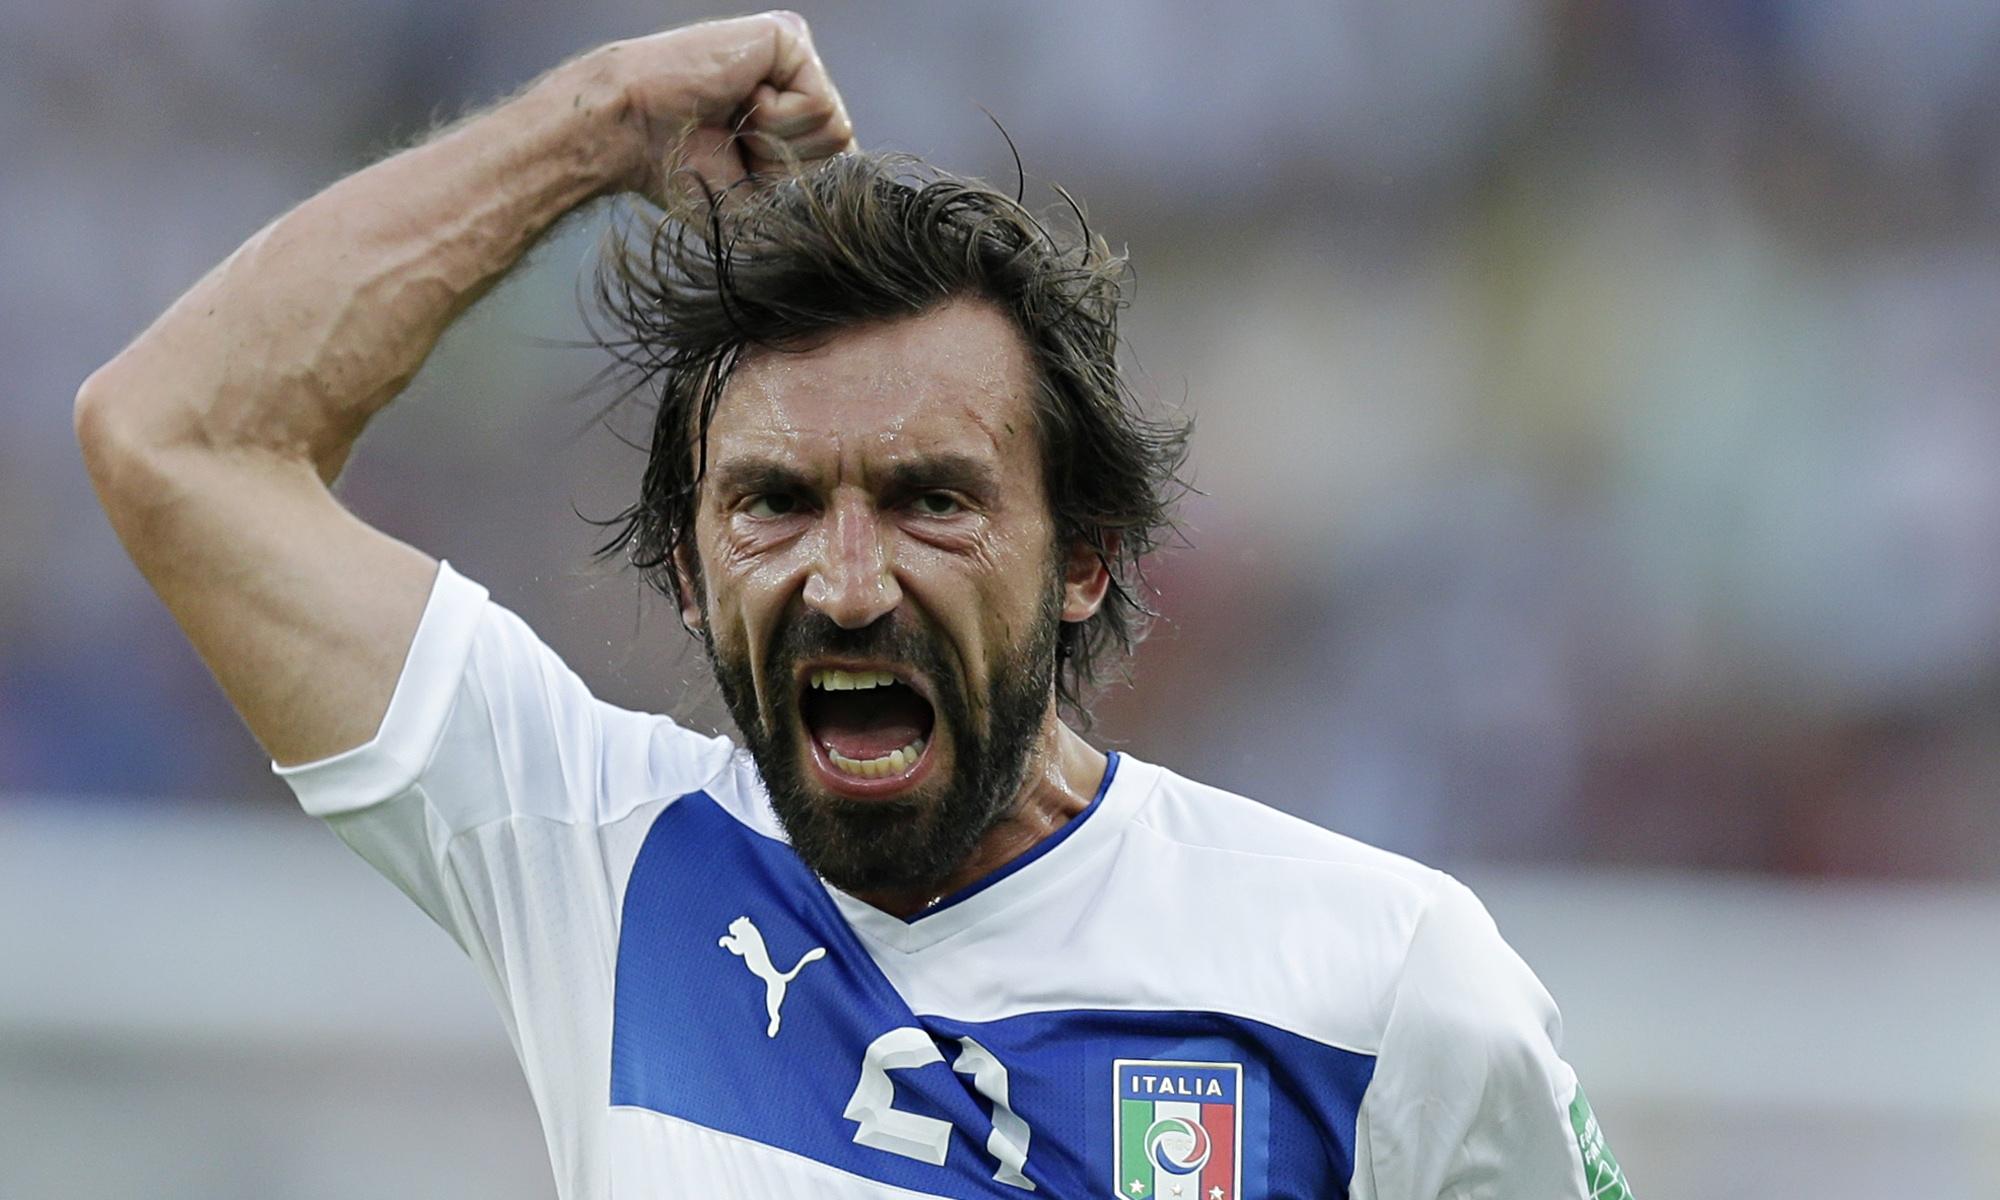 Andrea Pirlo, italyan futbolcu tarihte bugün